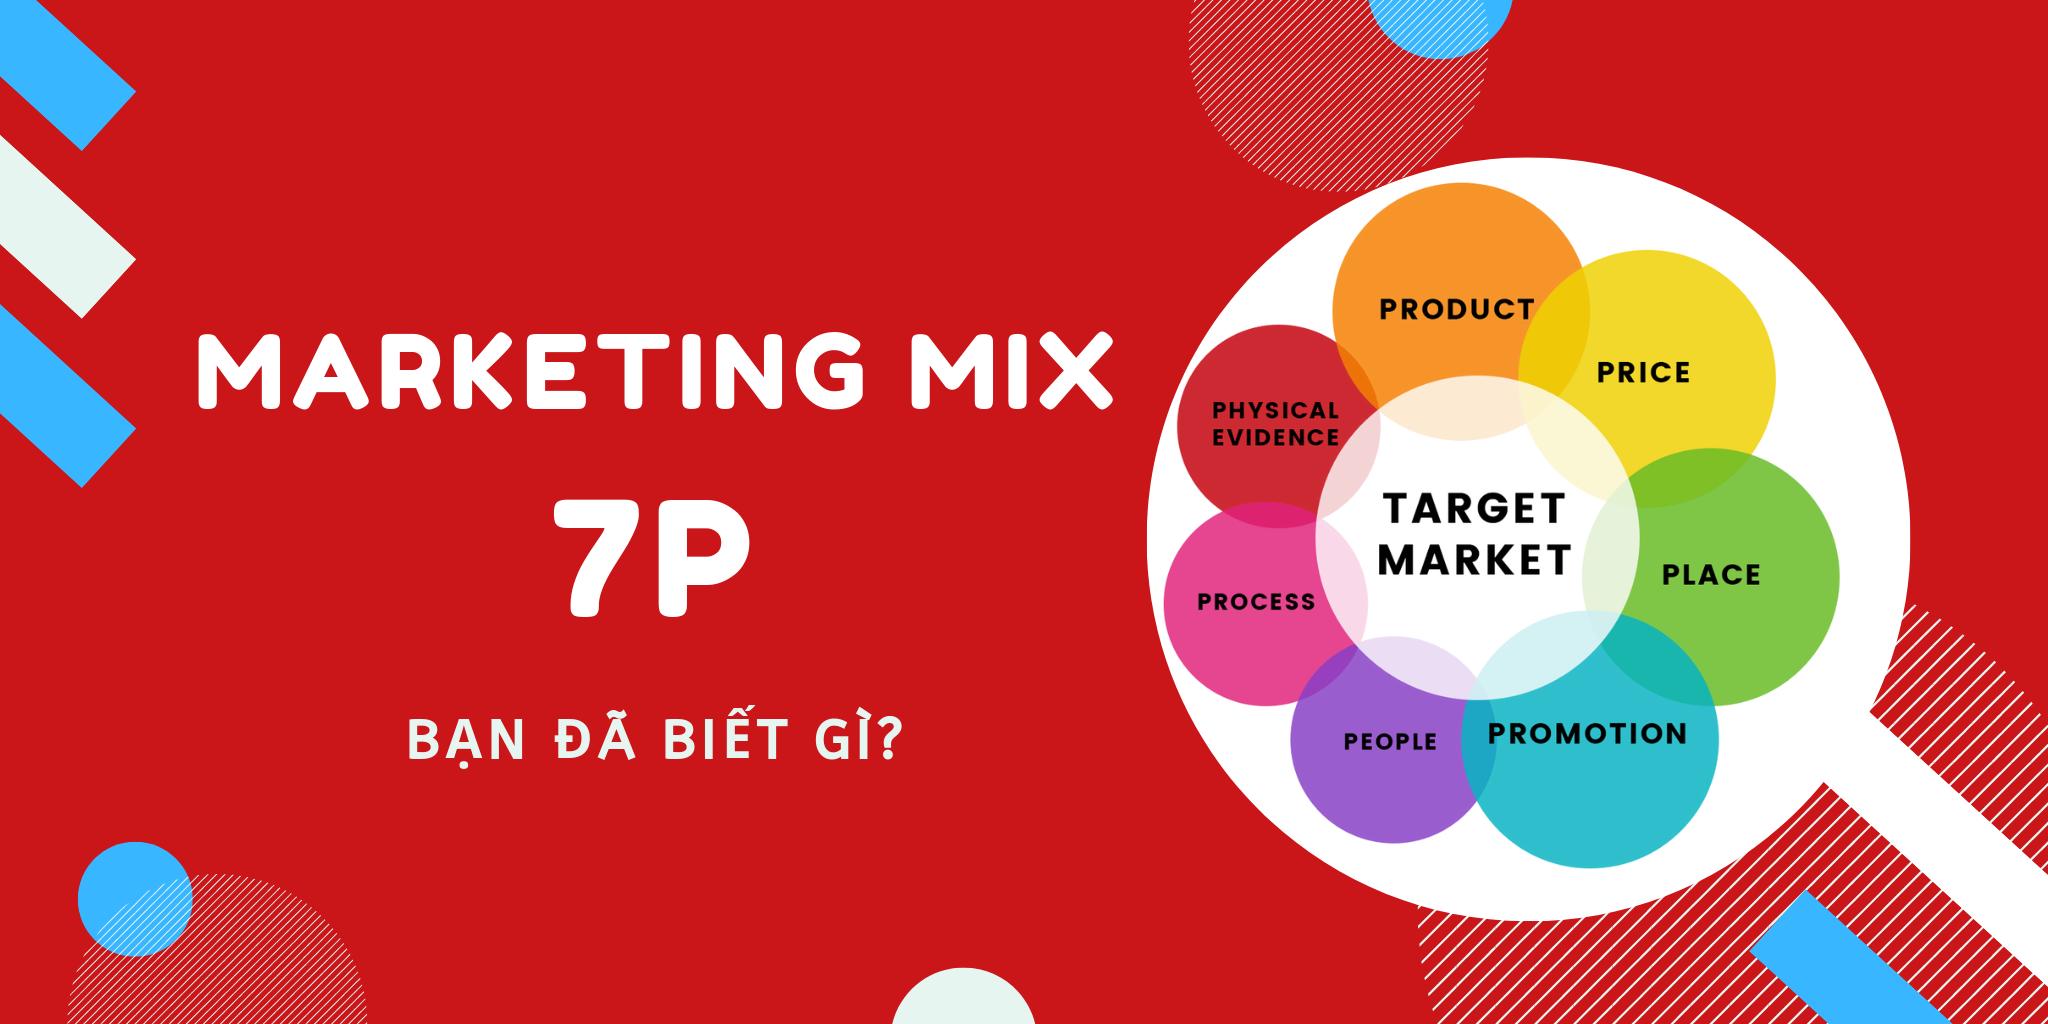 7P trong marketing: Cách ứng dụng 7P vào Marketing Mix